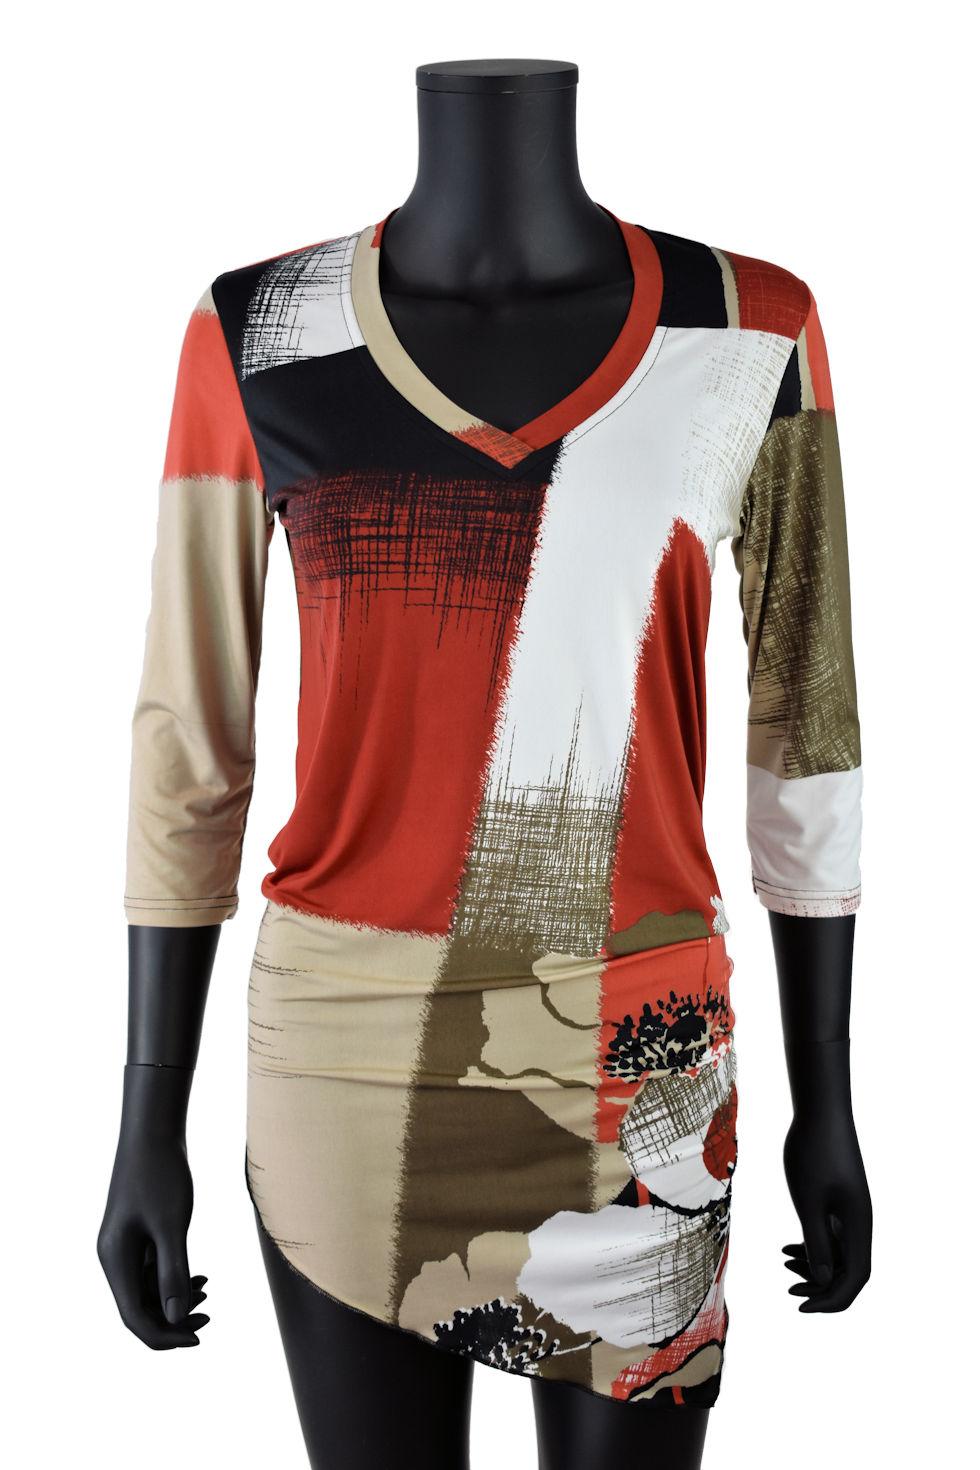 Tunique taupe et orange brûlé semi-ajustée avec pointe au devant et au dos . Création signée Collection Space